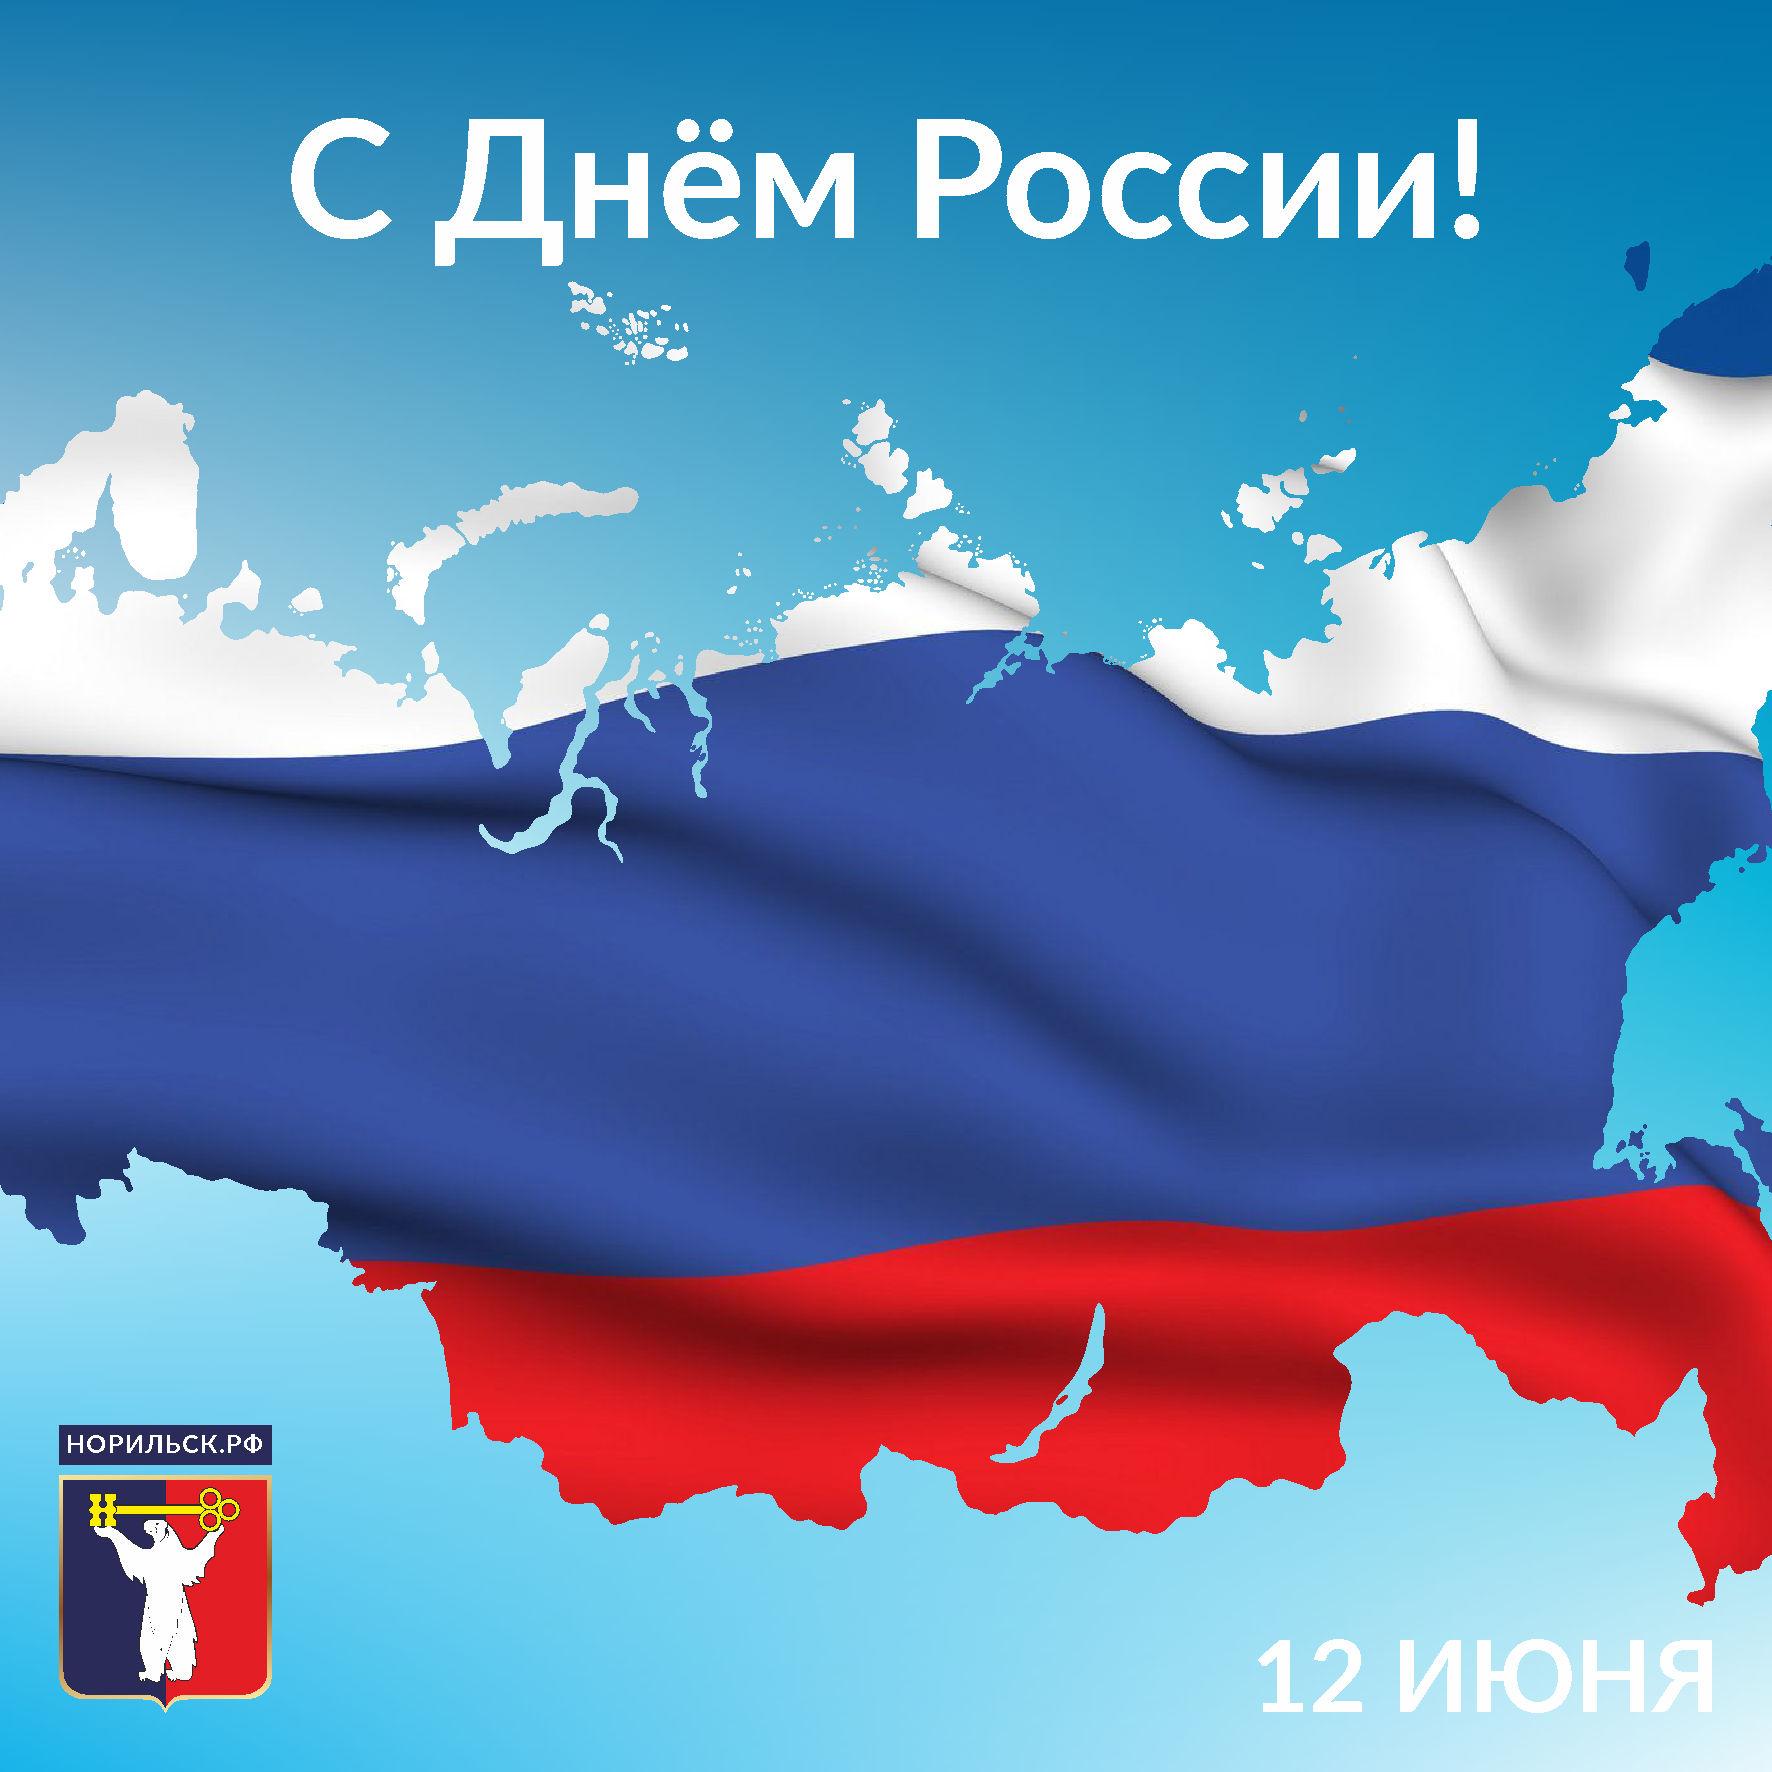 поздравление главы с нем города с днем россии лечением необходимо